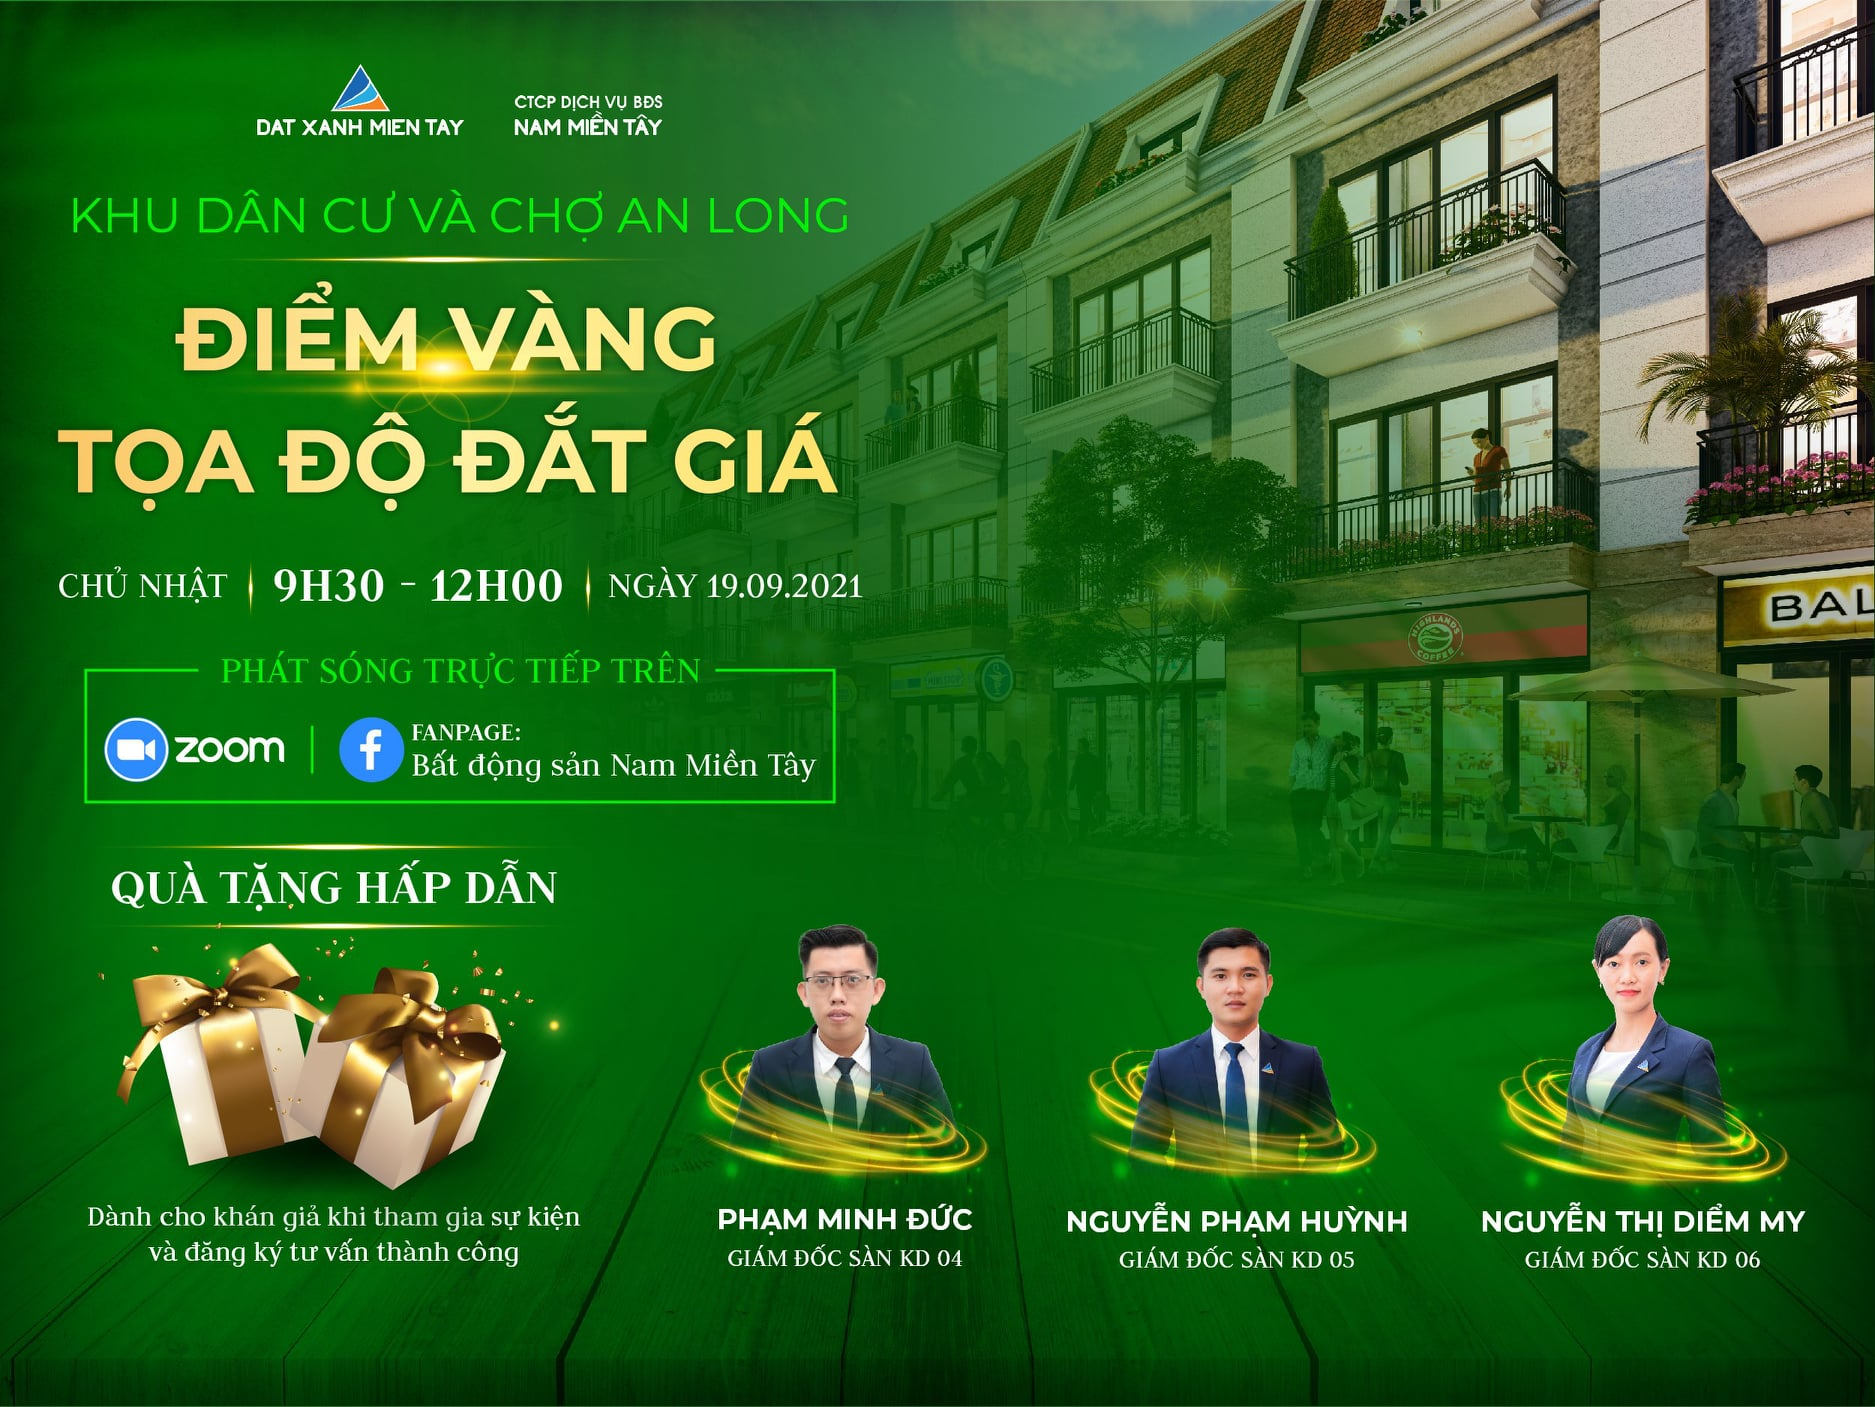 Sự kiện bất động sản trực tuyến khu dân cư và chợ An Long ngày 19-9-2021